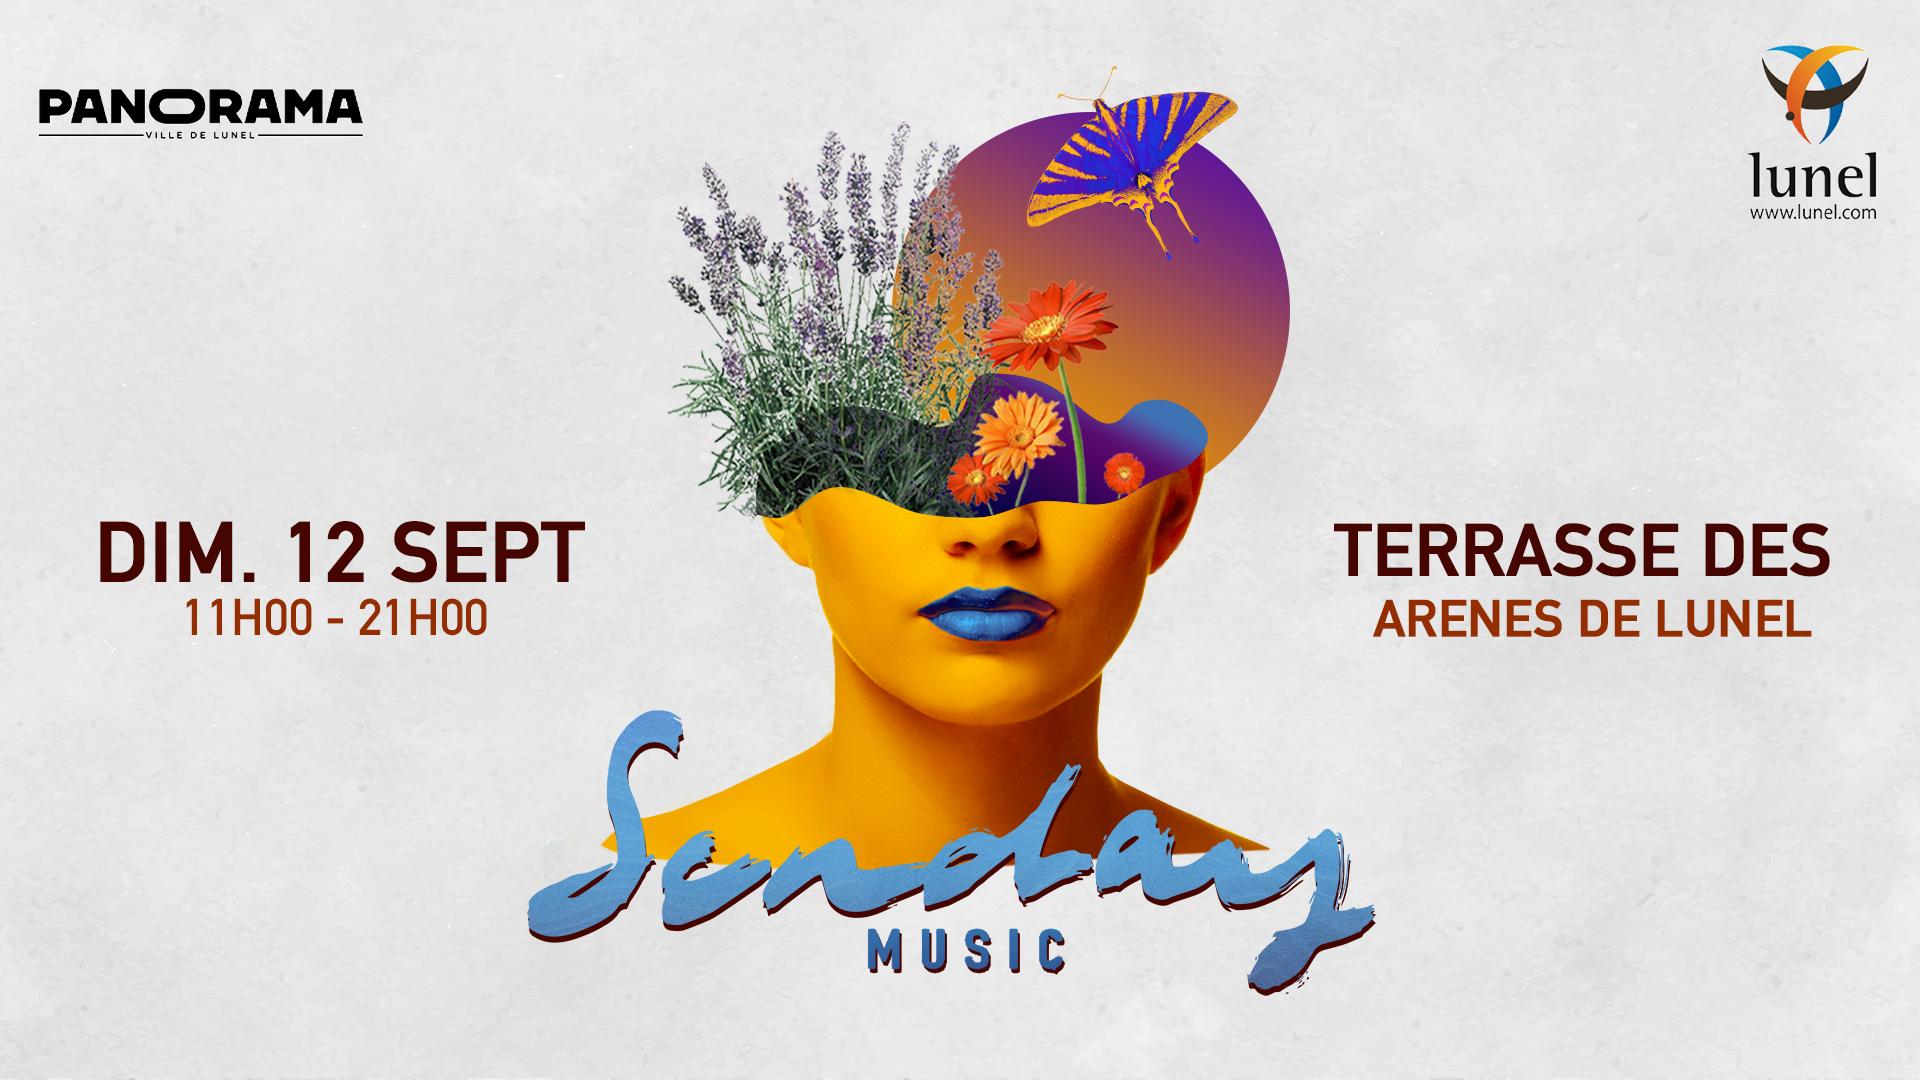 SUNDAY MUSIC x Terrasses des arènes de Lunel